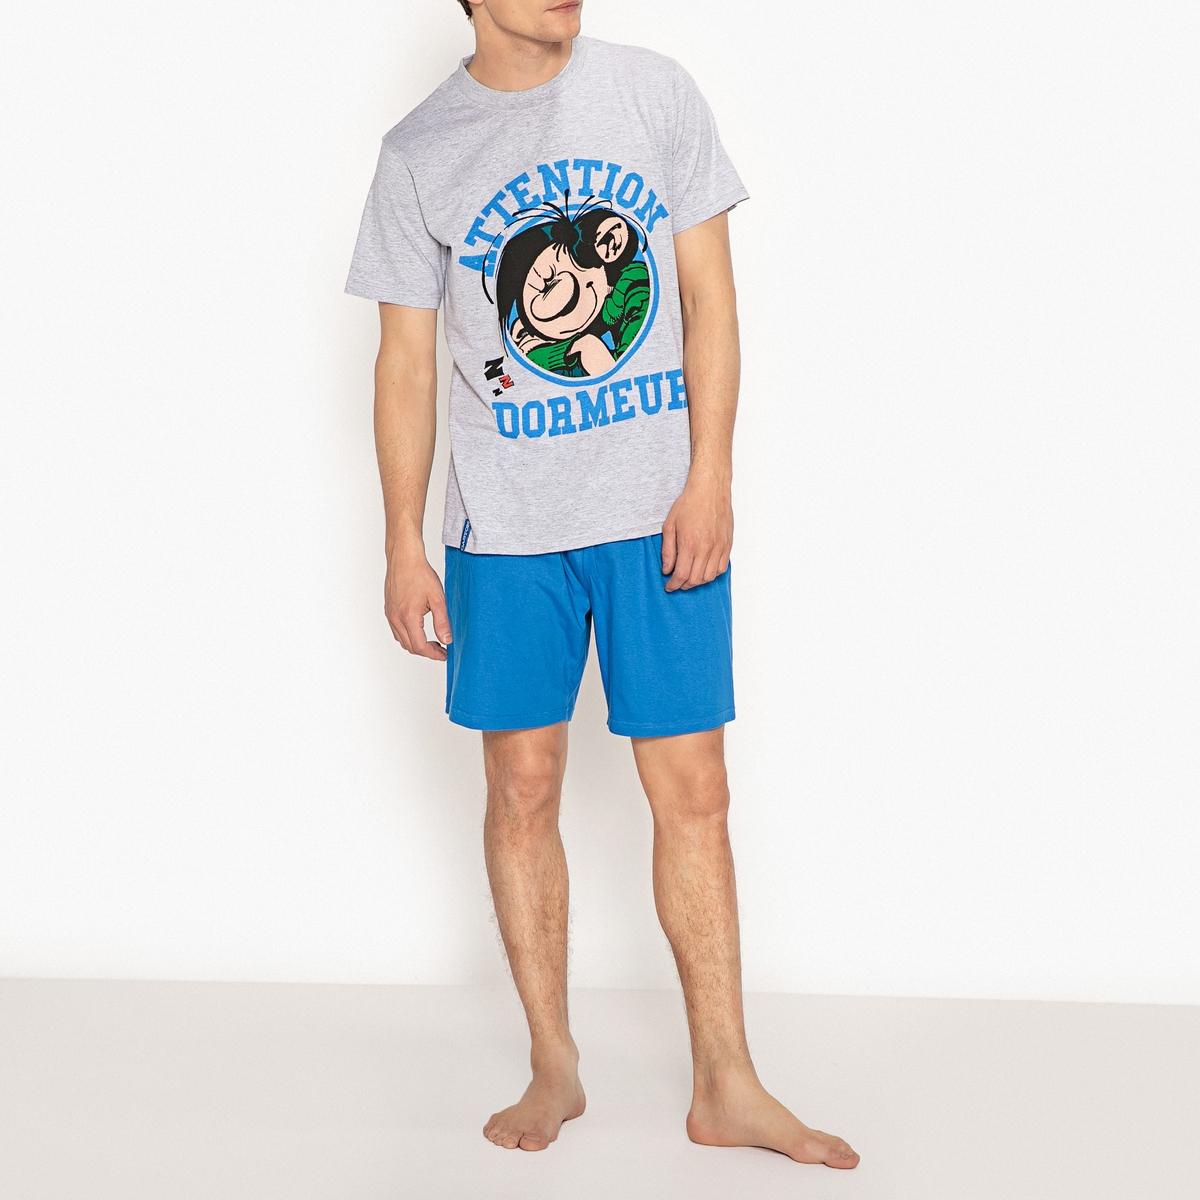 Пижама с шортами из хлопка с рисунком Gaston Lagaffe пижама с шортами с рисунком